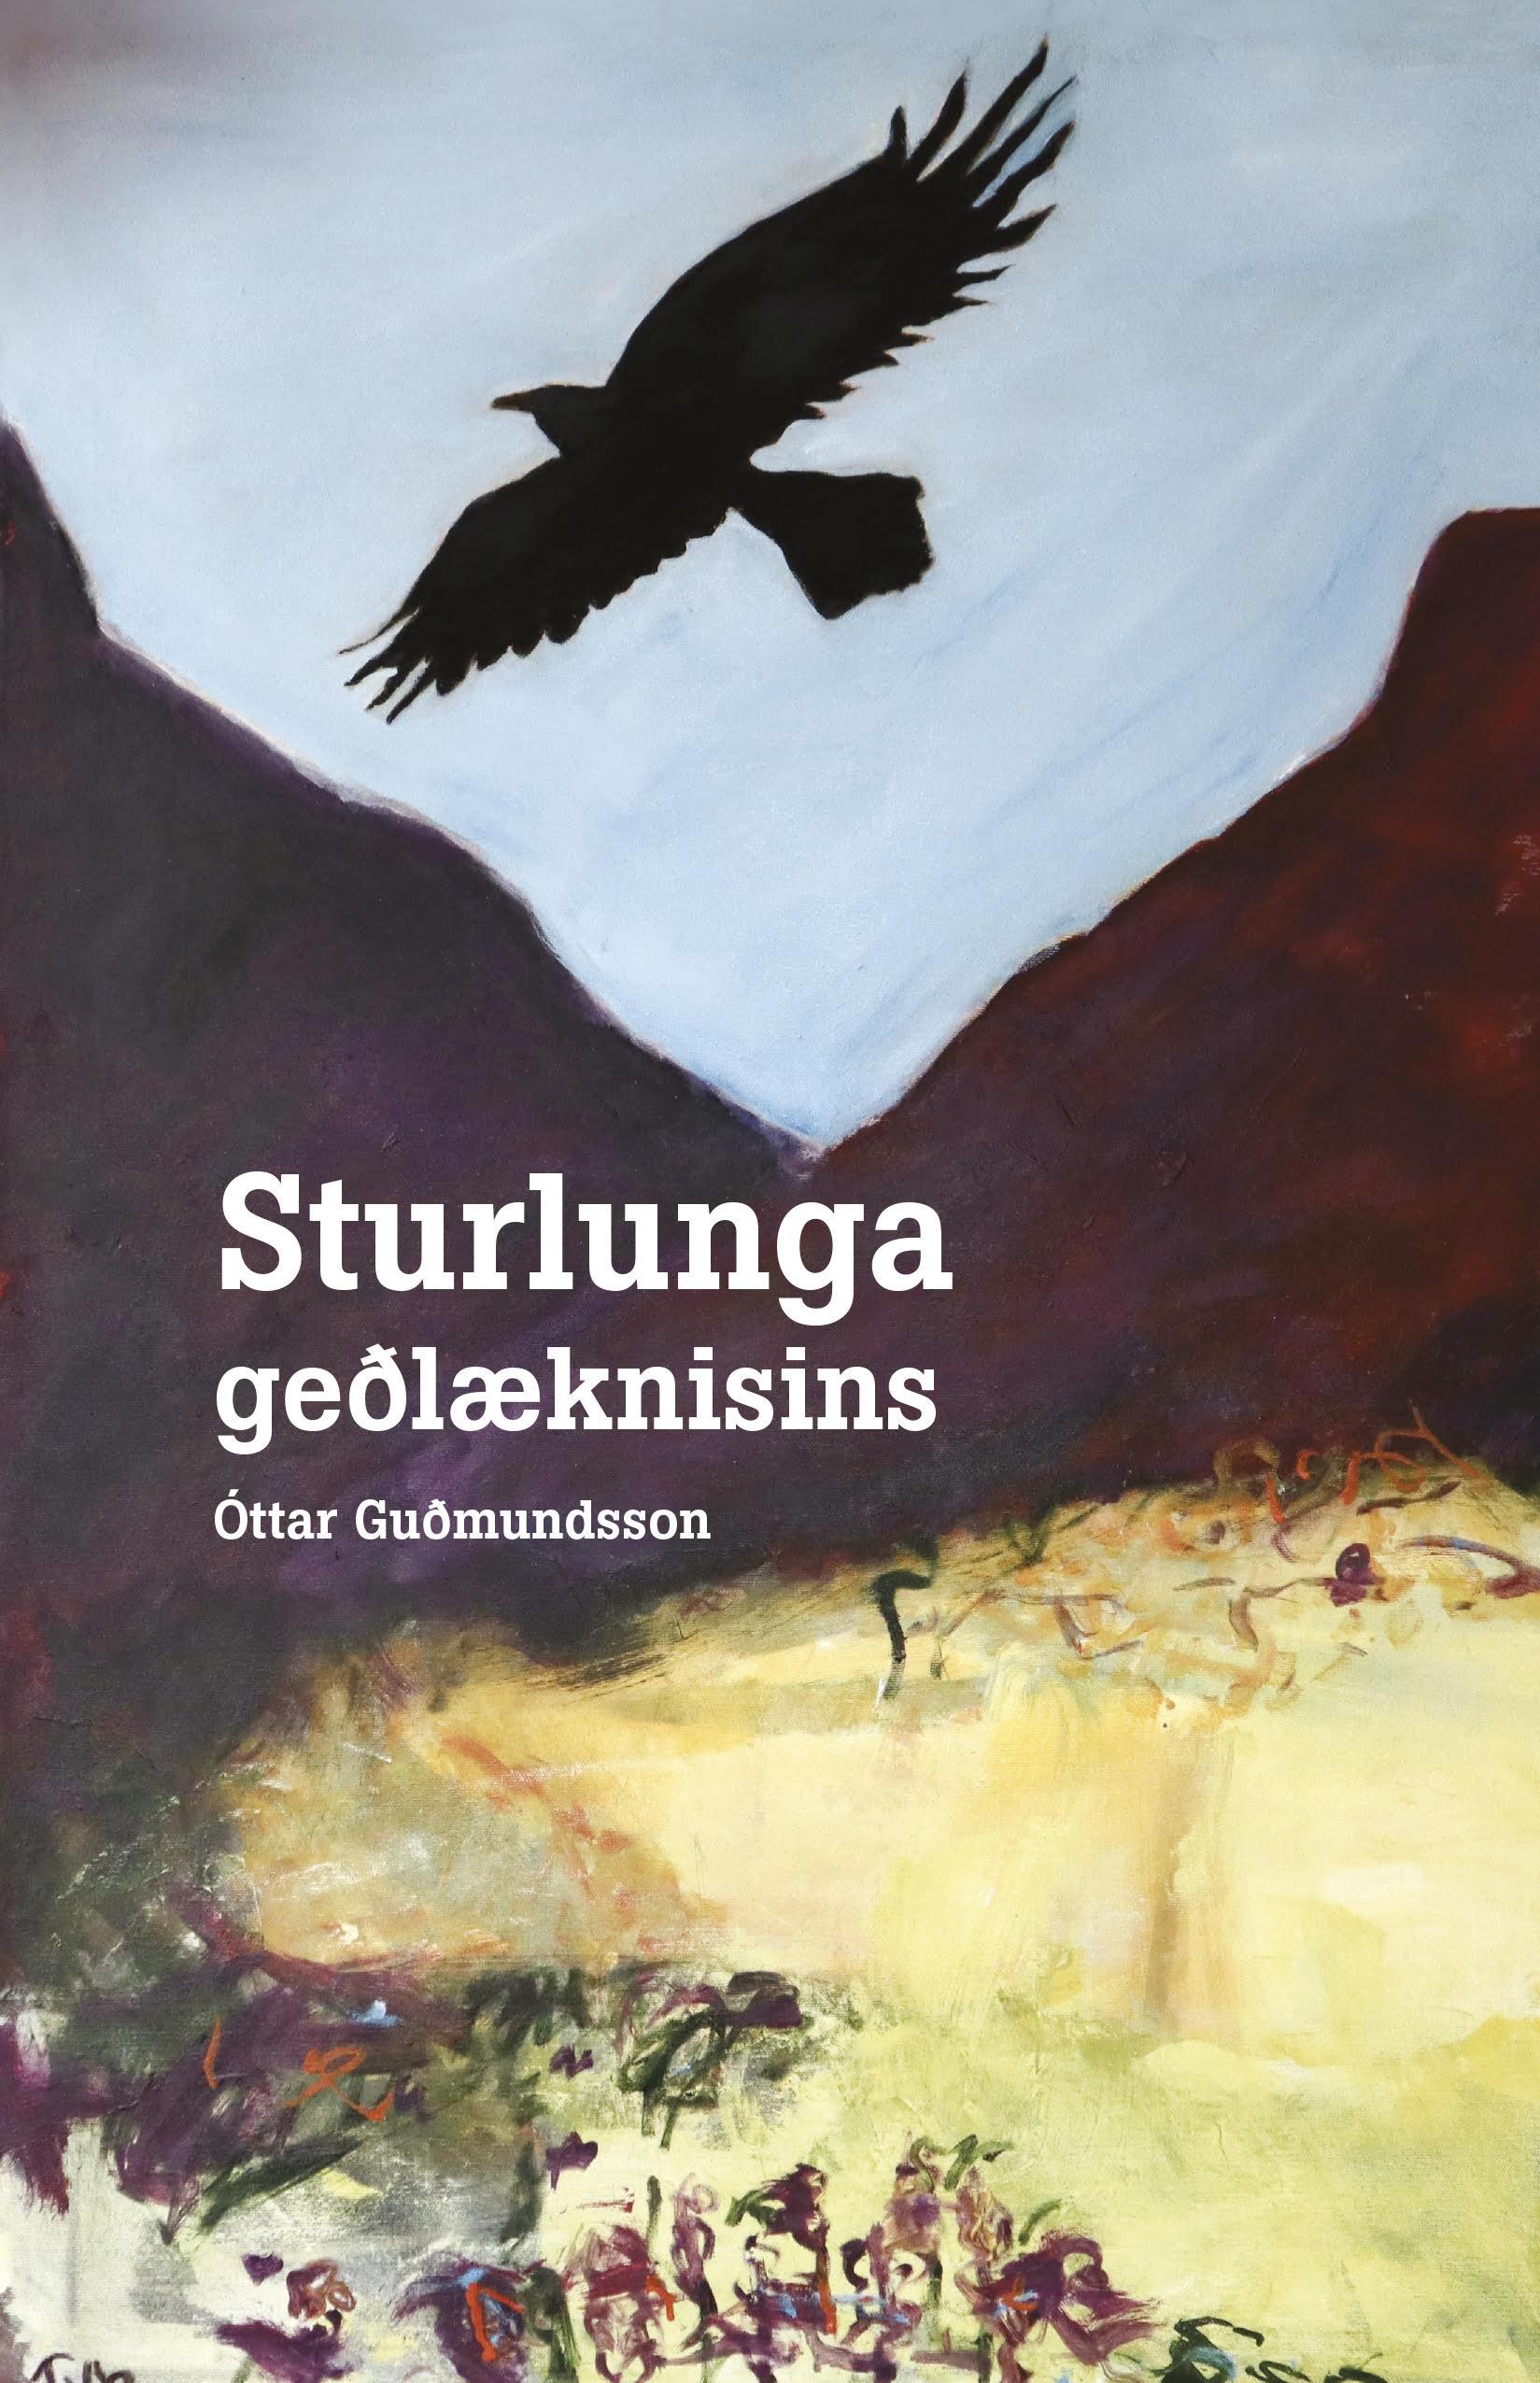 Sturlunga geðlæknisins